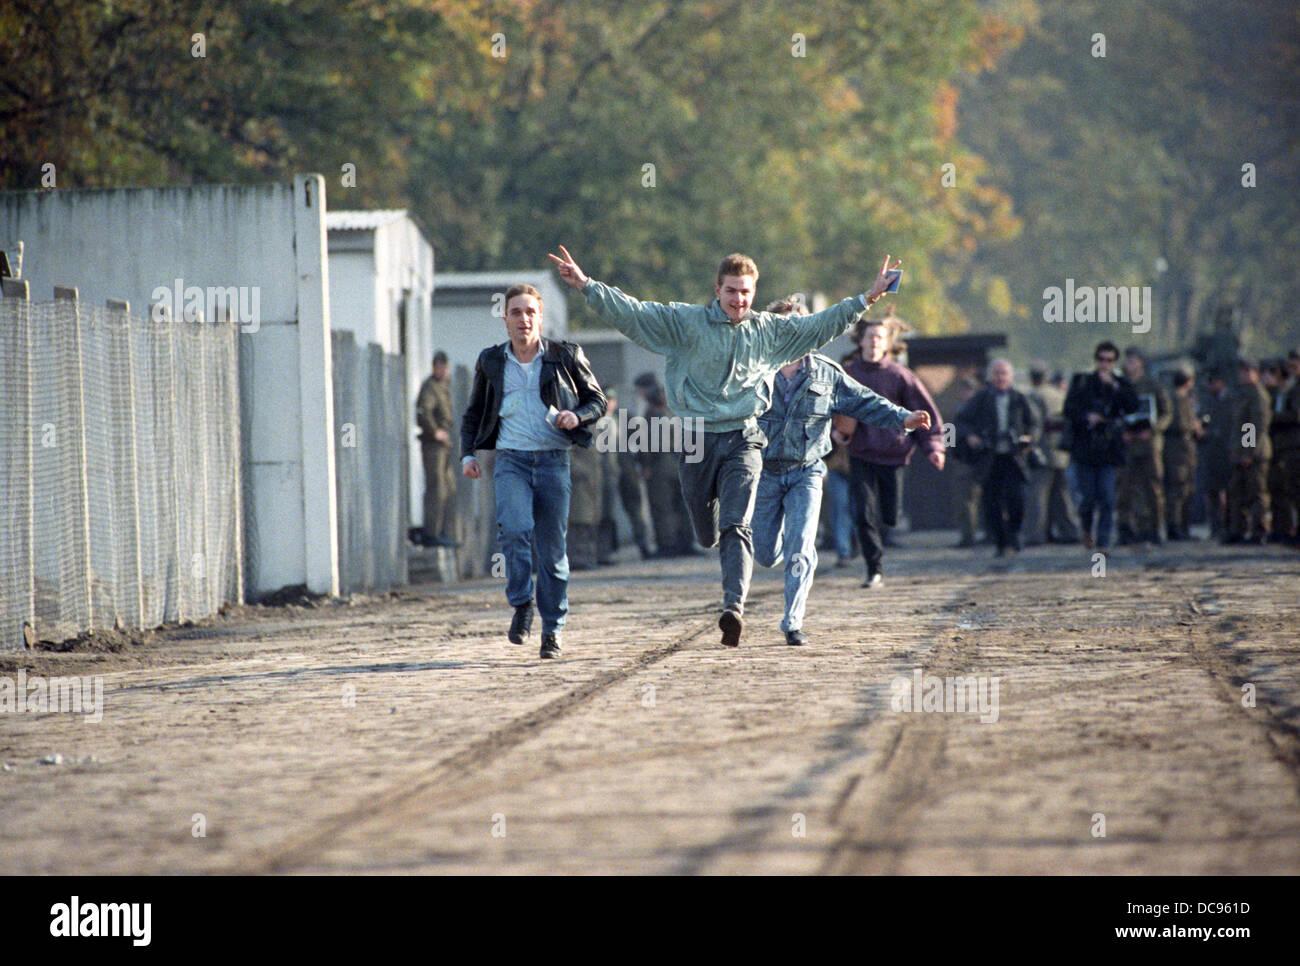 Junge Männer laufen jubeln über ein Broder Überfahrt Station in Berlin, Deutschland, 10 November Stockbild